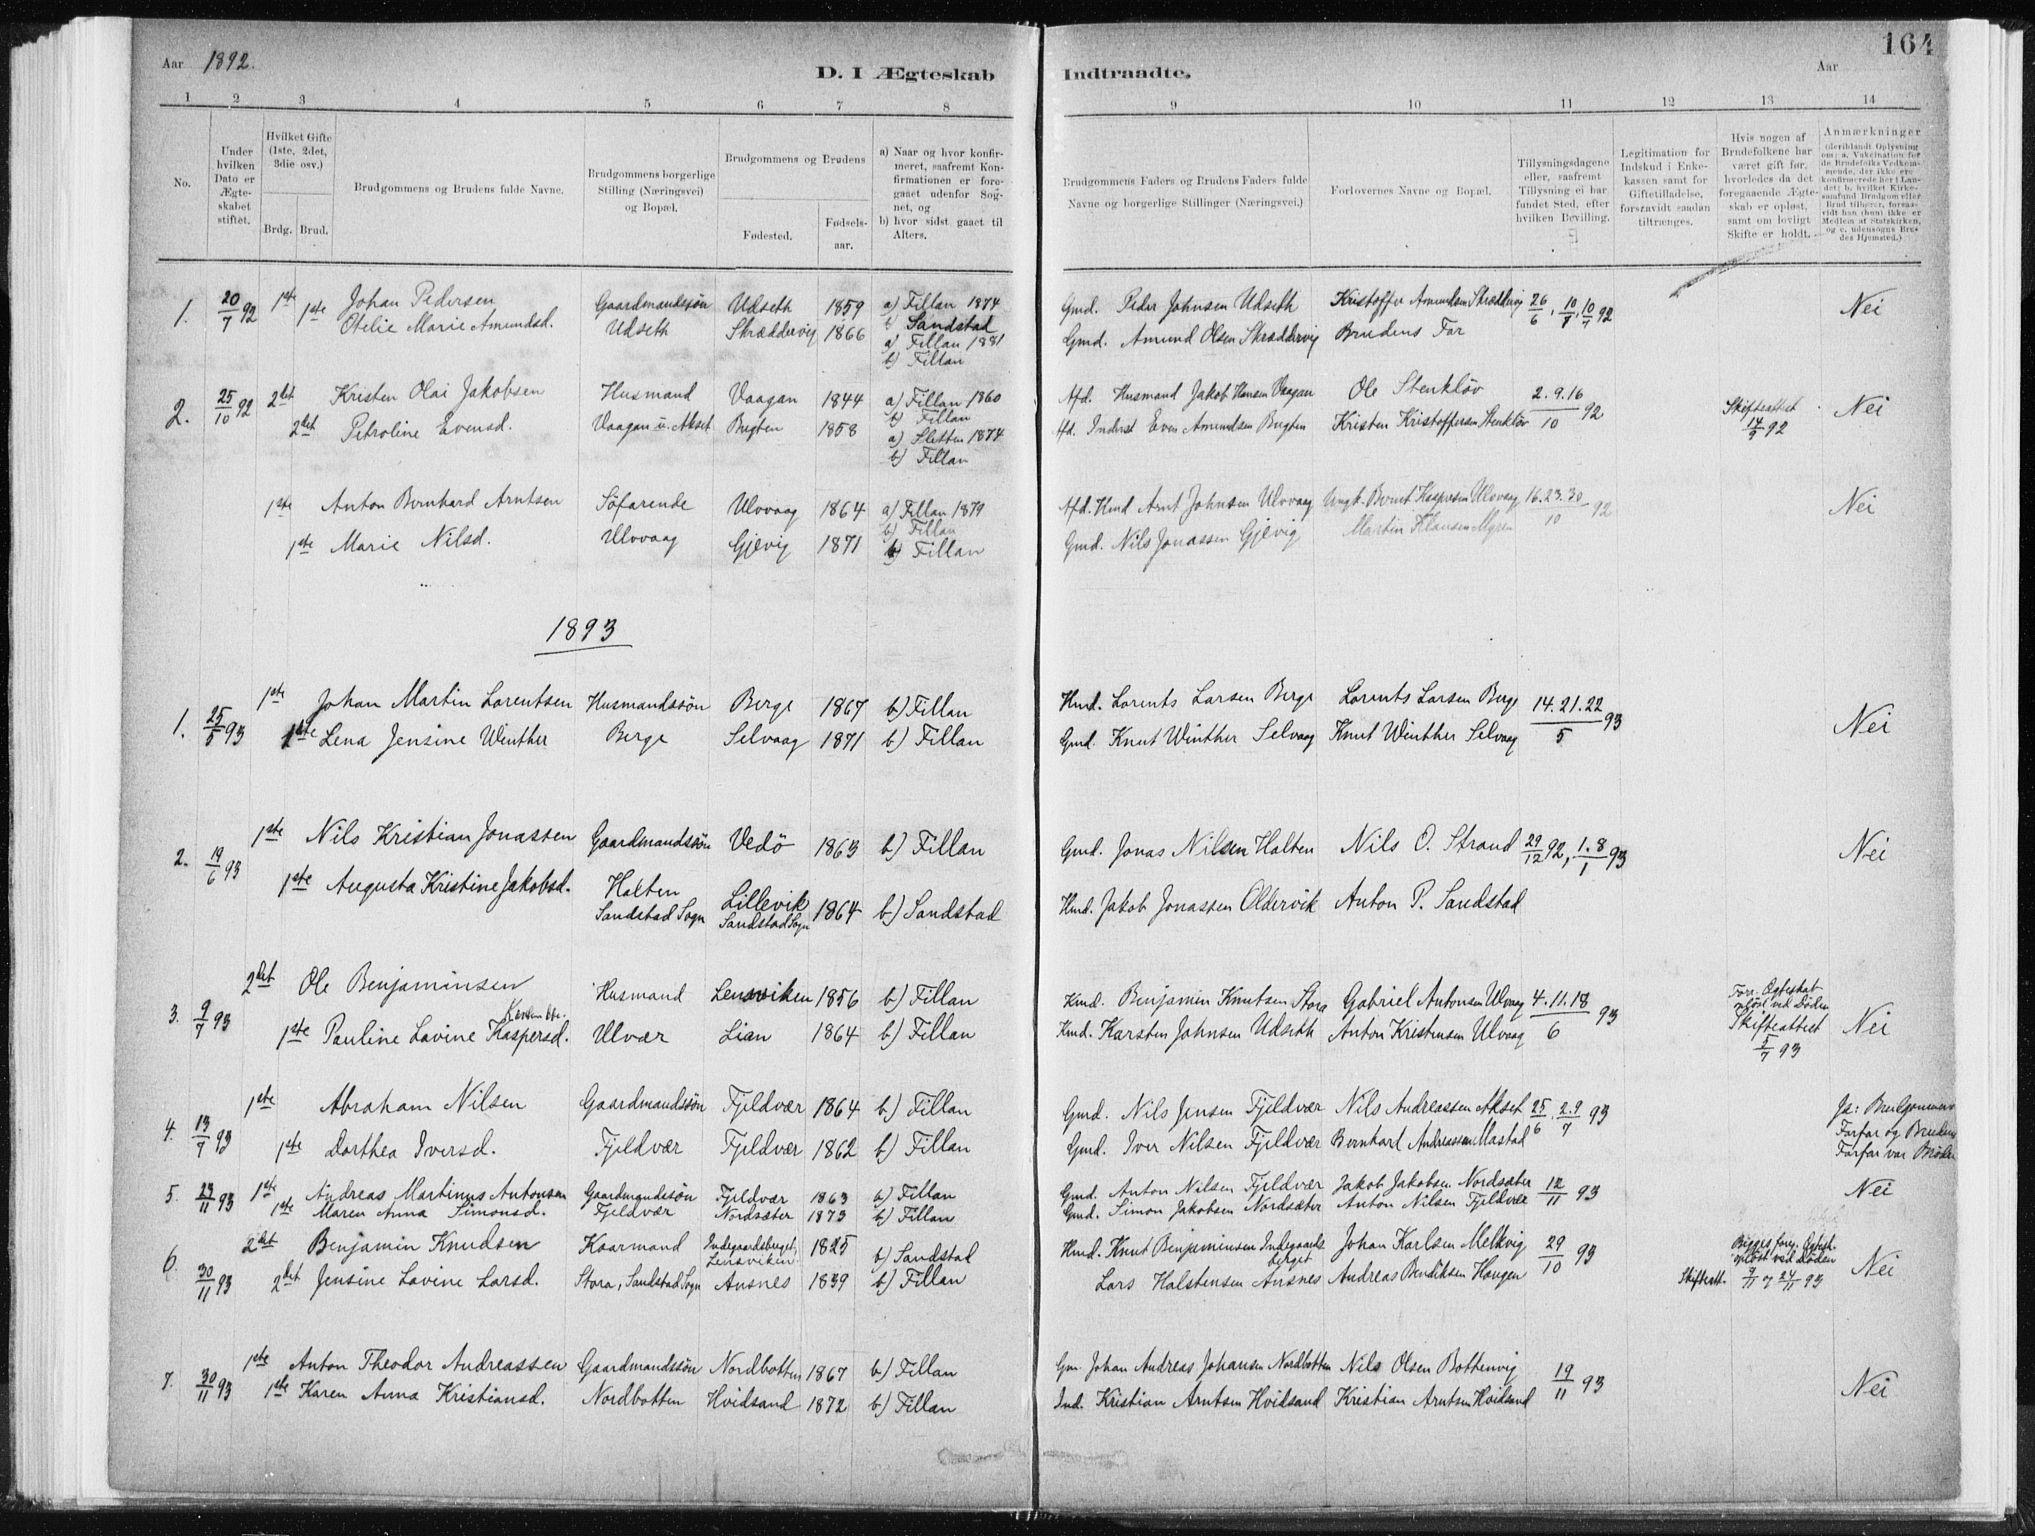 SAT, Ministerialprotokoller, klokkerbøker og fødselsregistre - Sør-Trøndelag, 637/L0558: Ministerialbok nr. 637A01, 1882-1899, s. 164